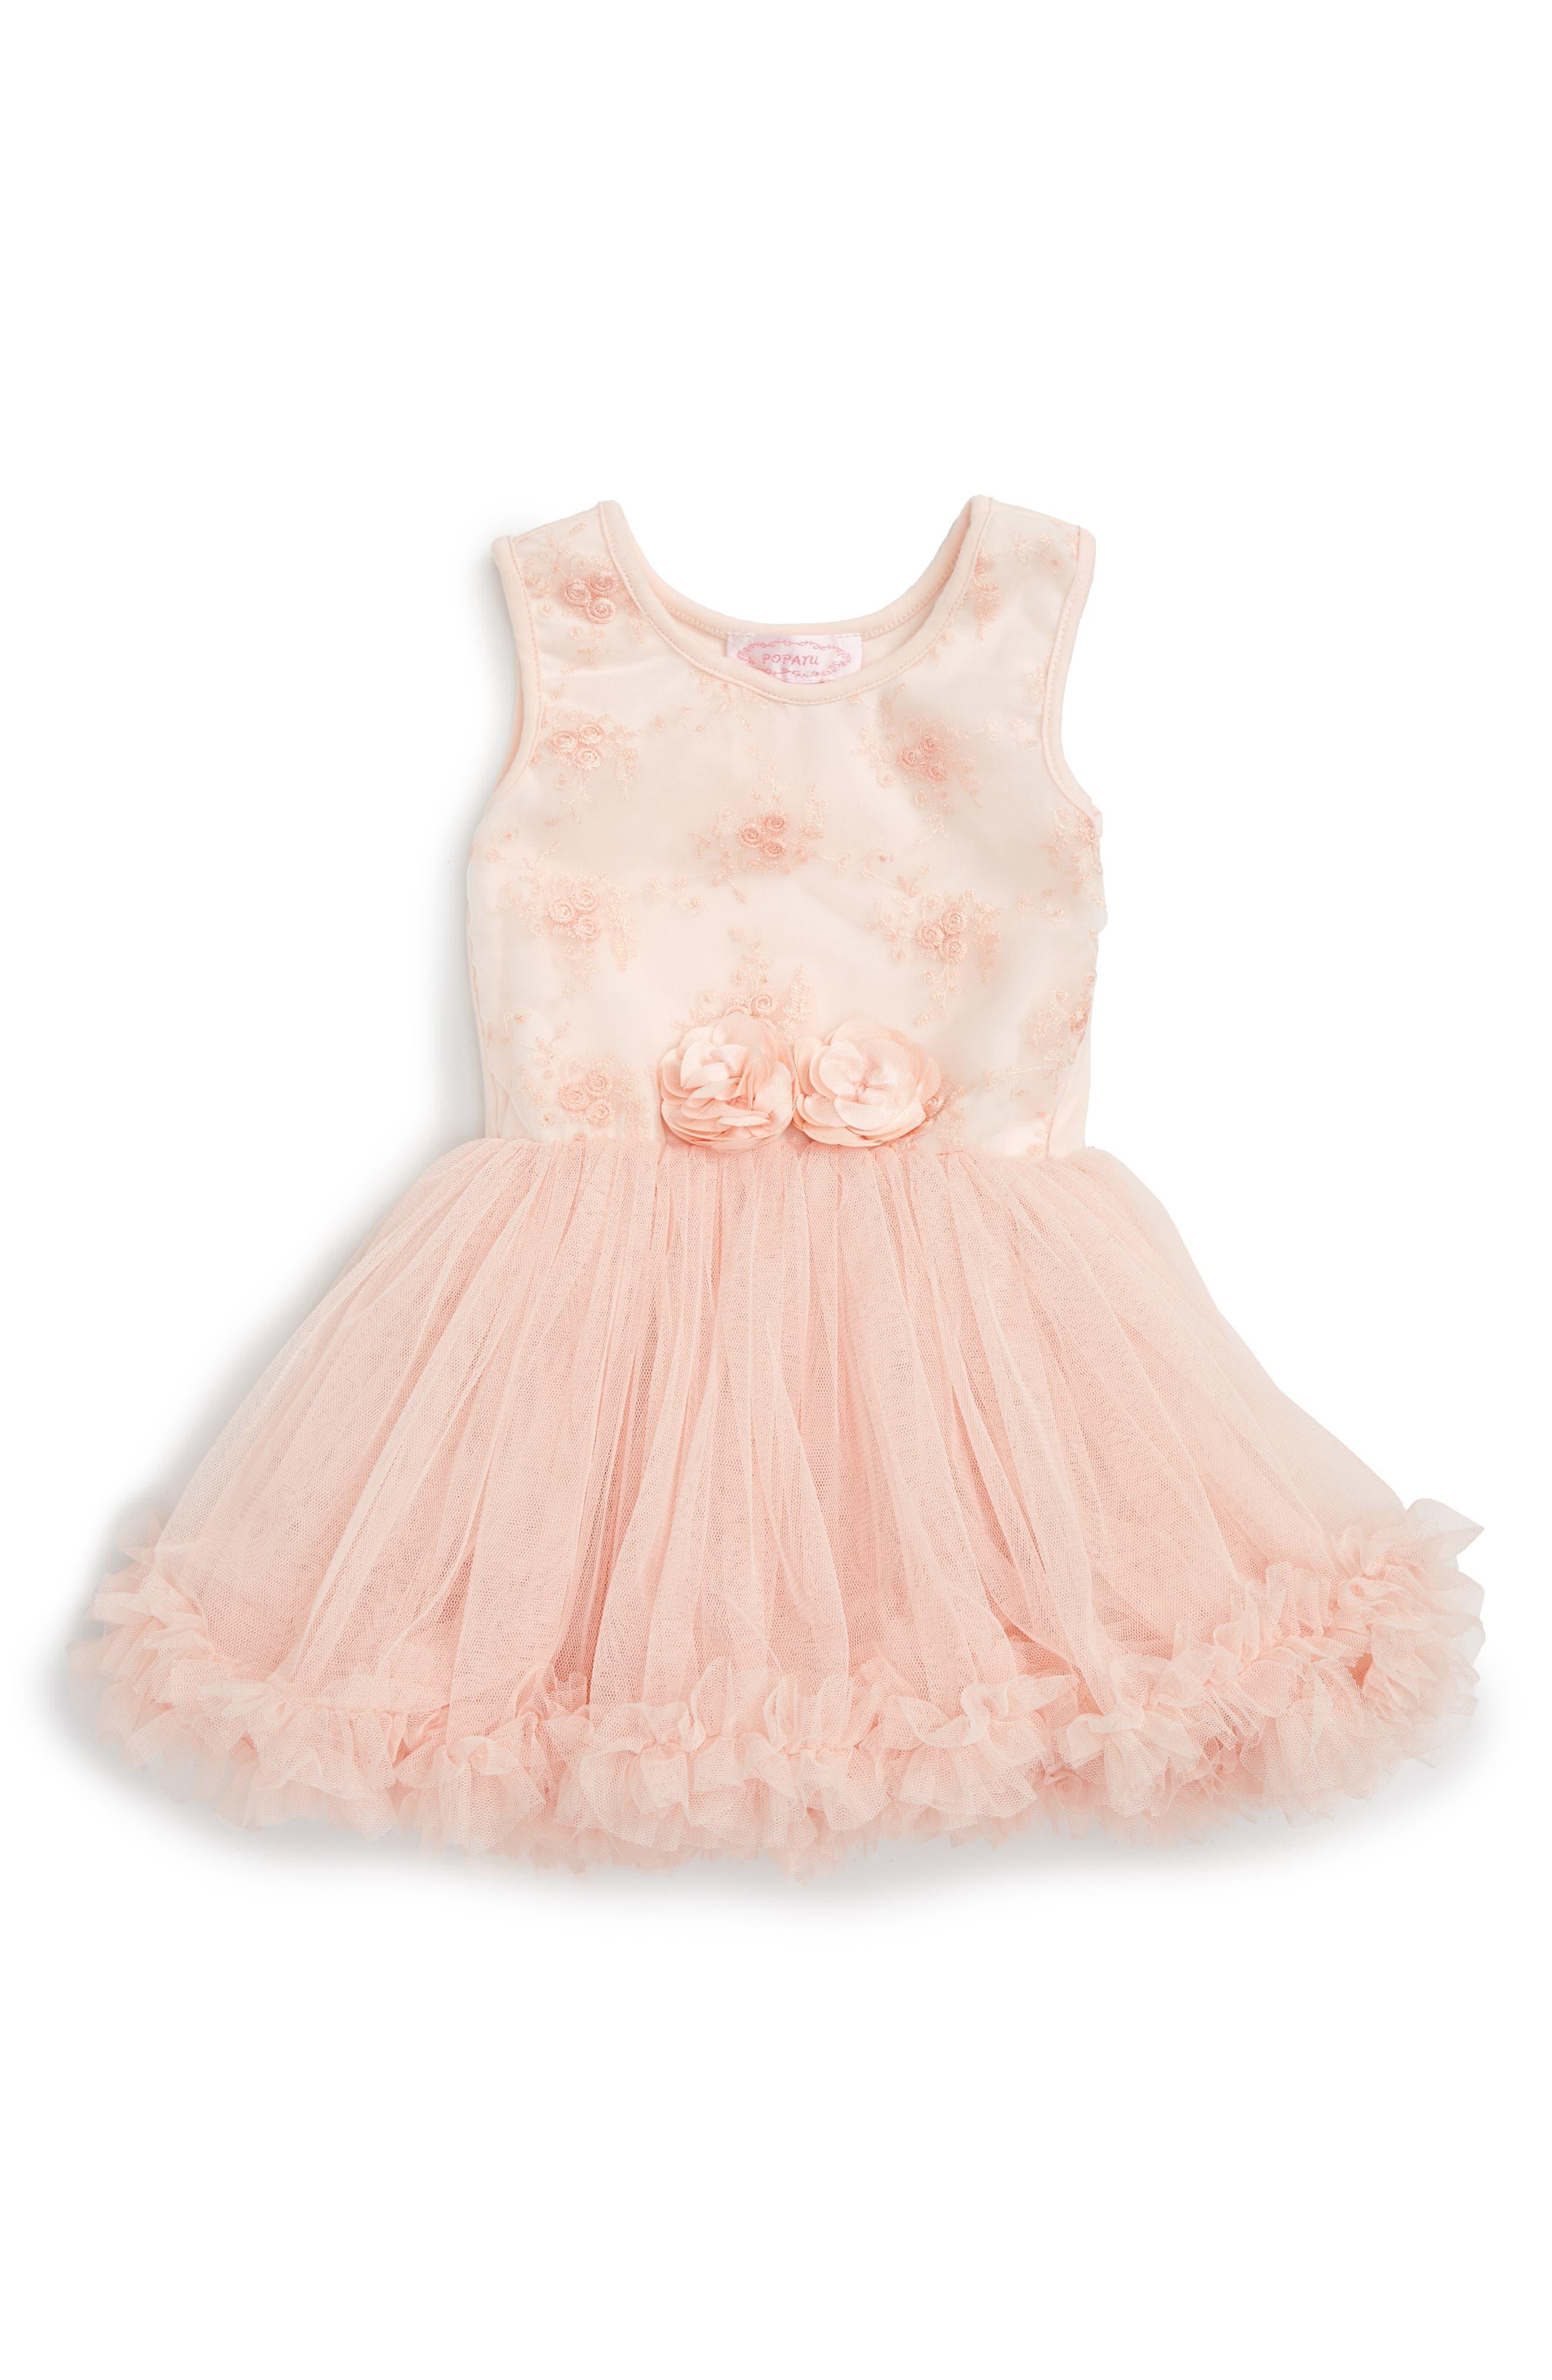 POPATU Tulle Dress